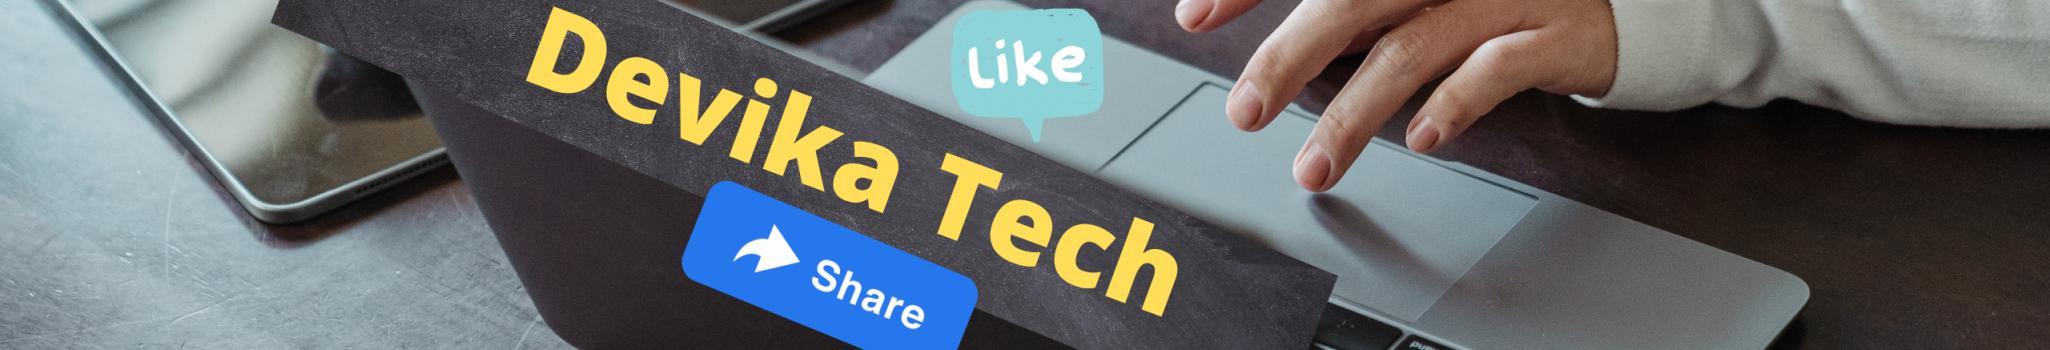 Devika Tech